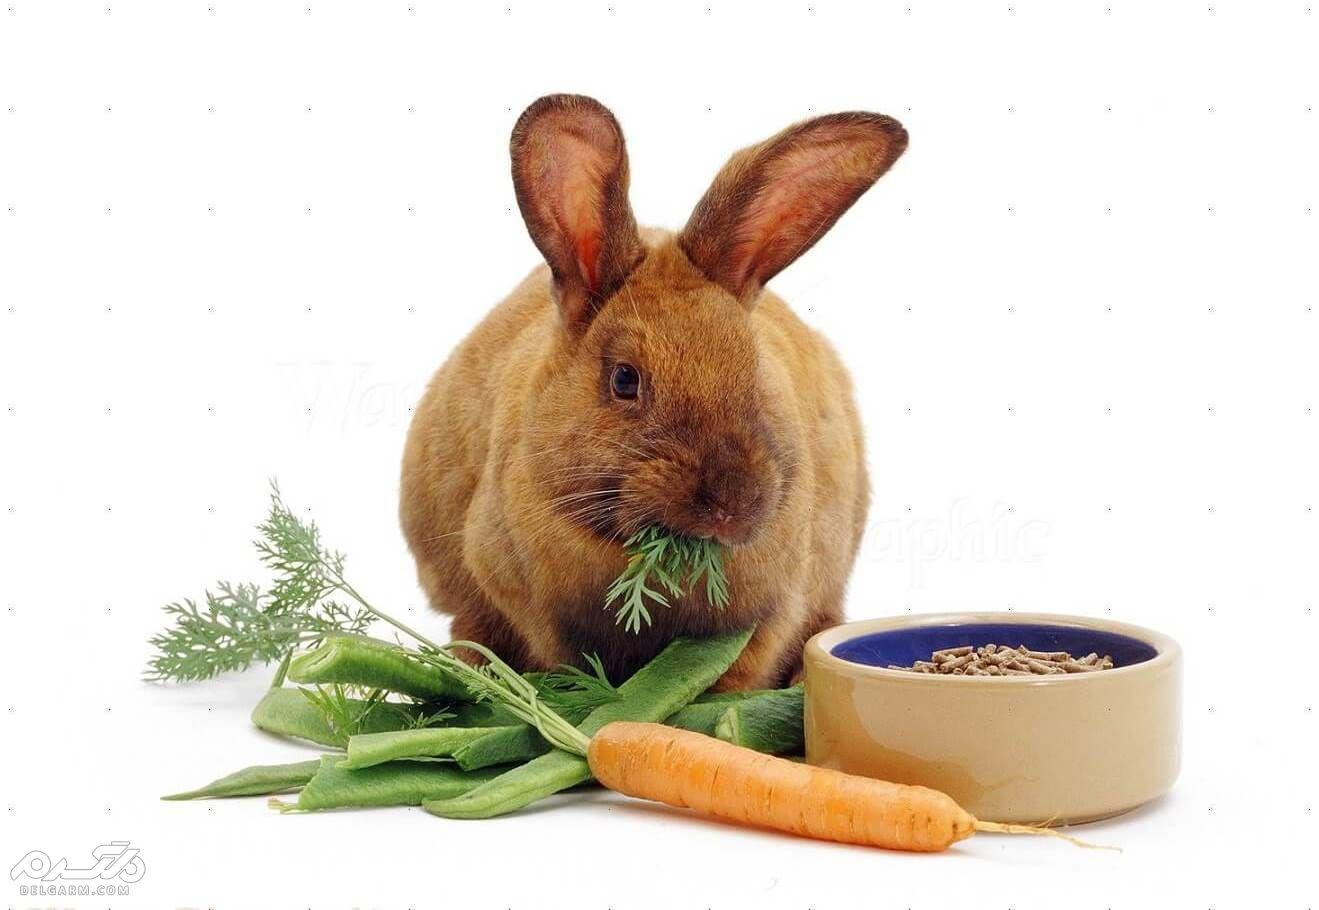 درمان ریزش موی خرگوش